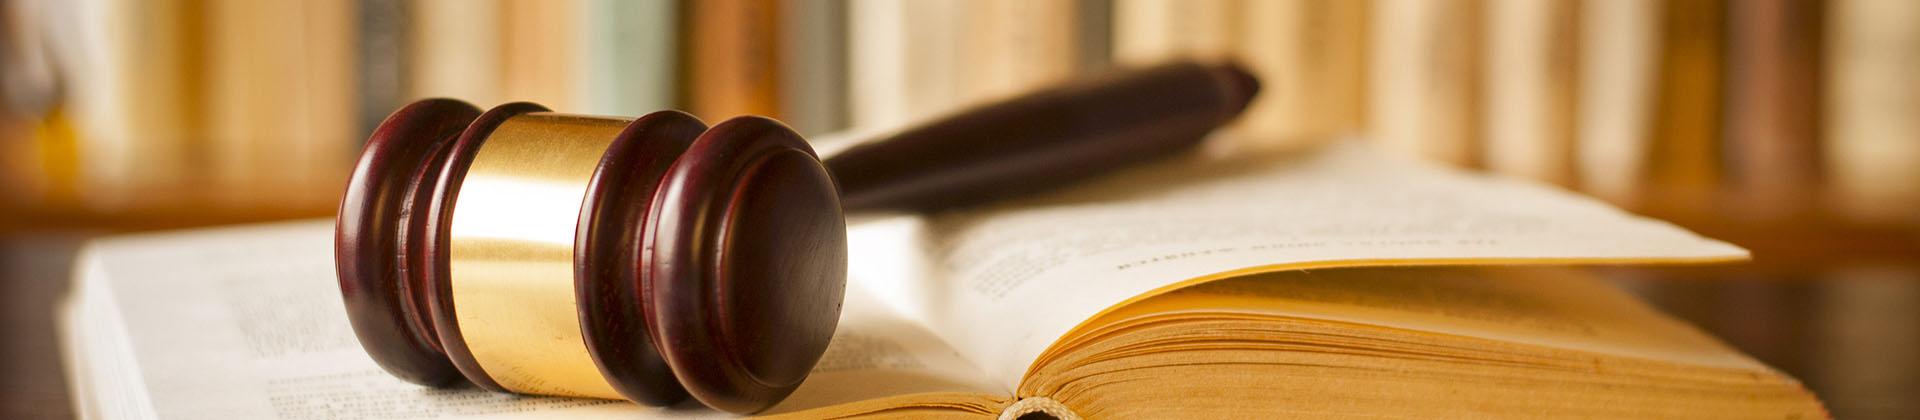 蚂蚜学院-蚂蚜规则保障交易公平、公正、安全